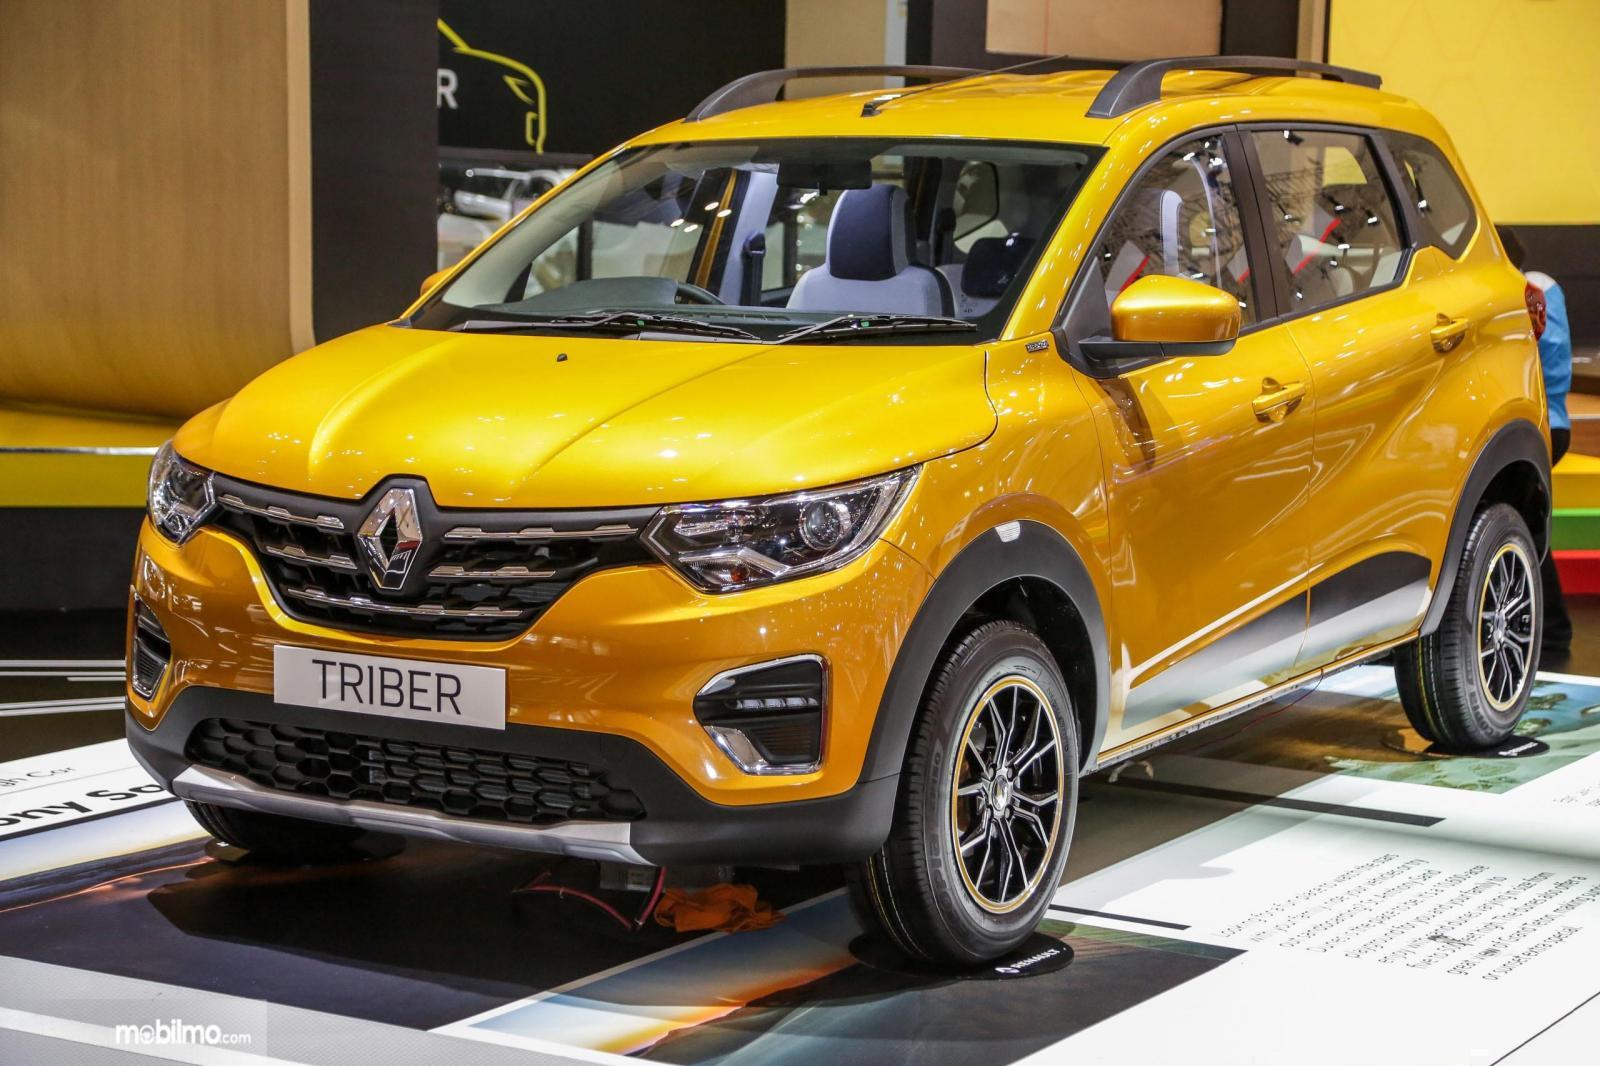 Foto Renault Triber 2019 di pameran GIIAS 2019